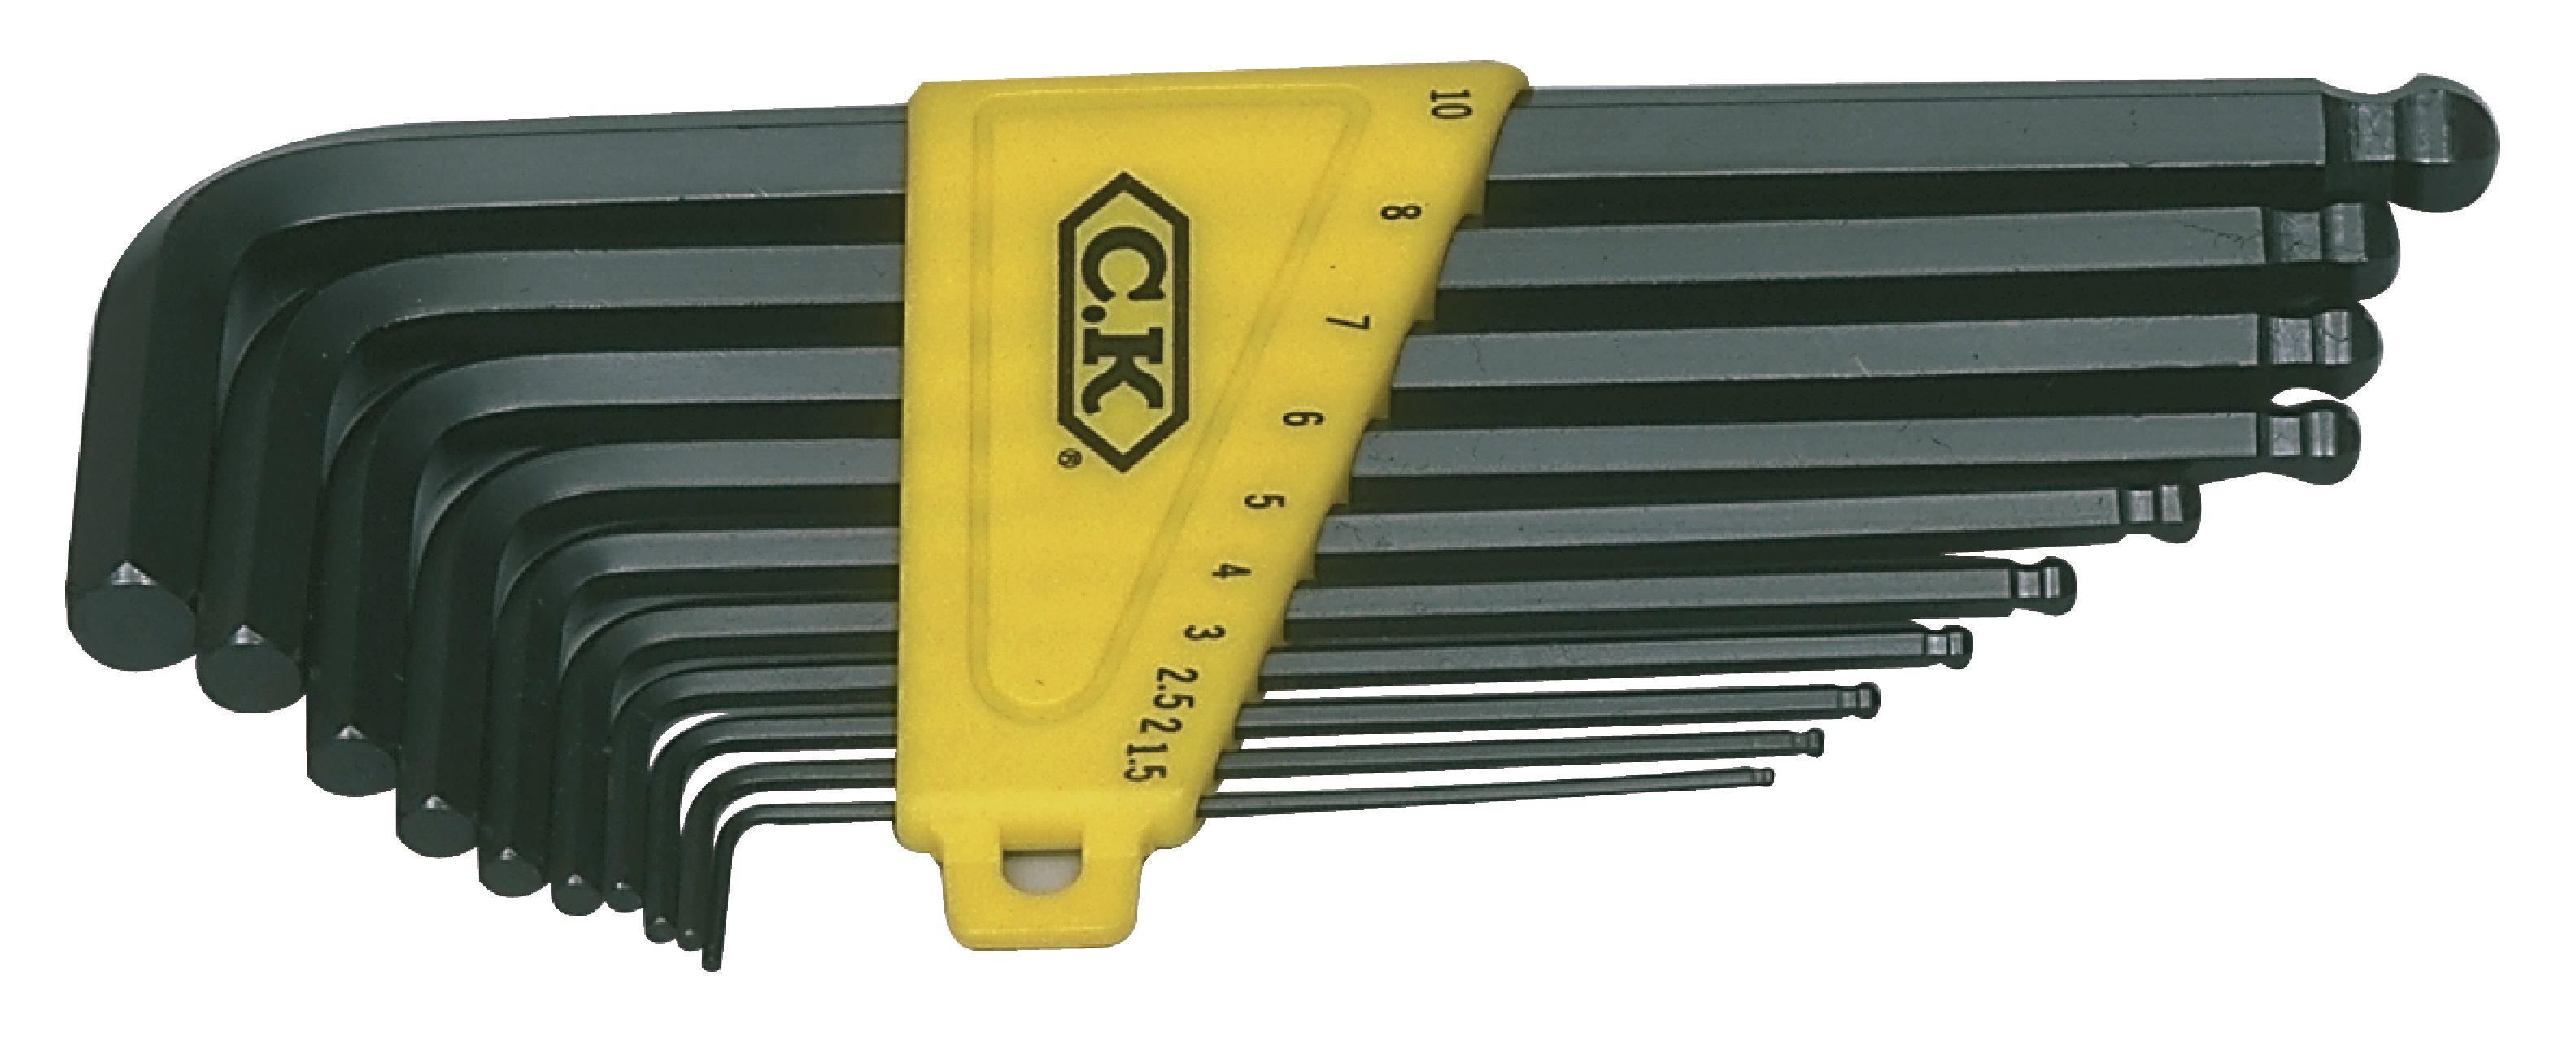 Sada imbus zástrčných klíčů, 10-dílná C.K. 4443M